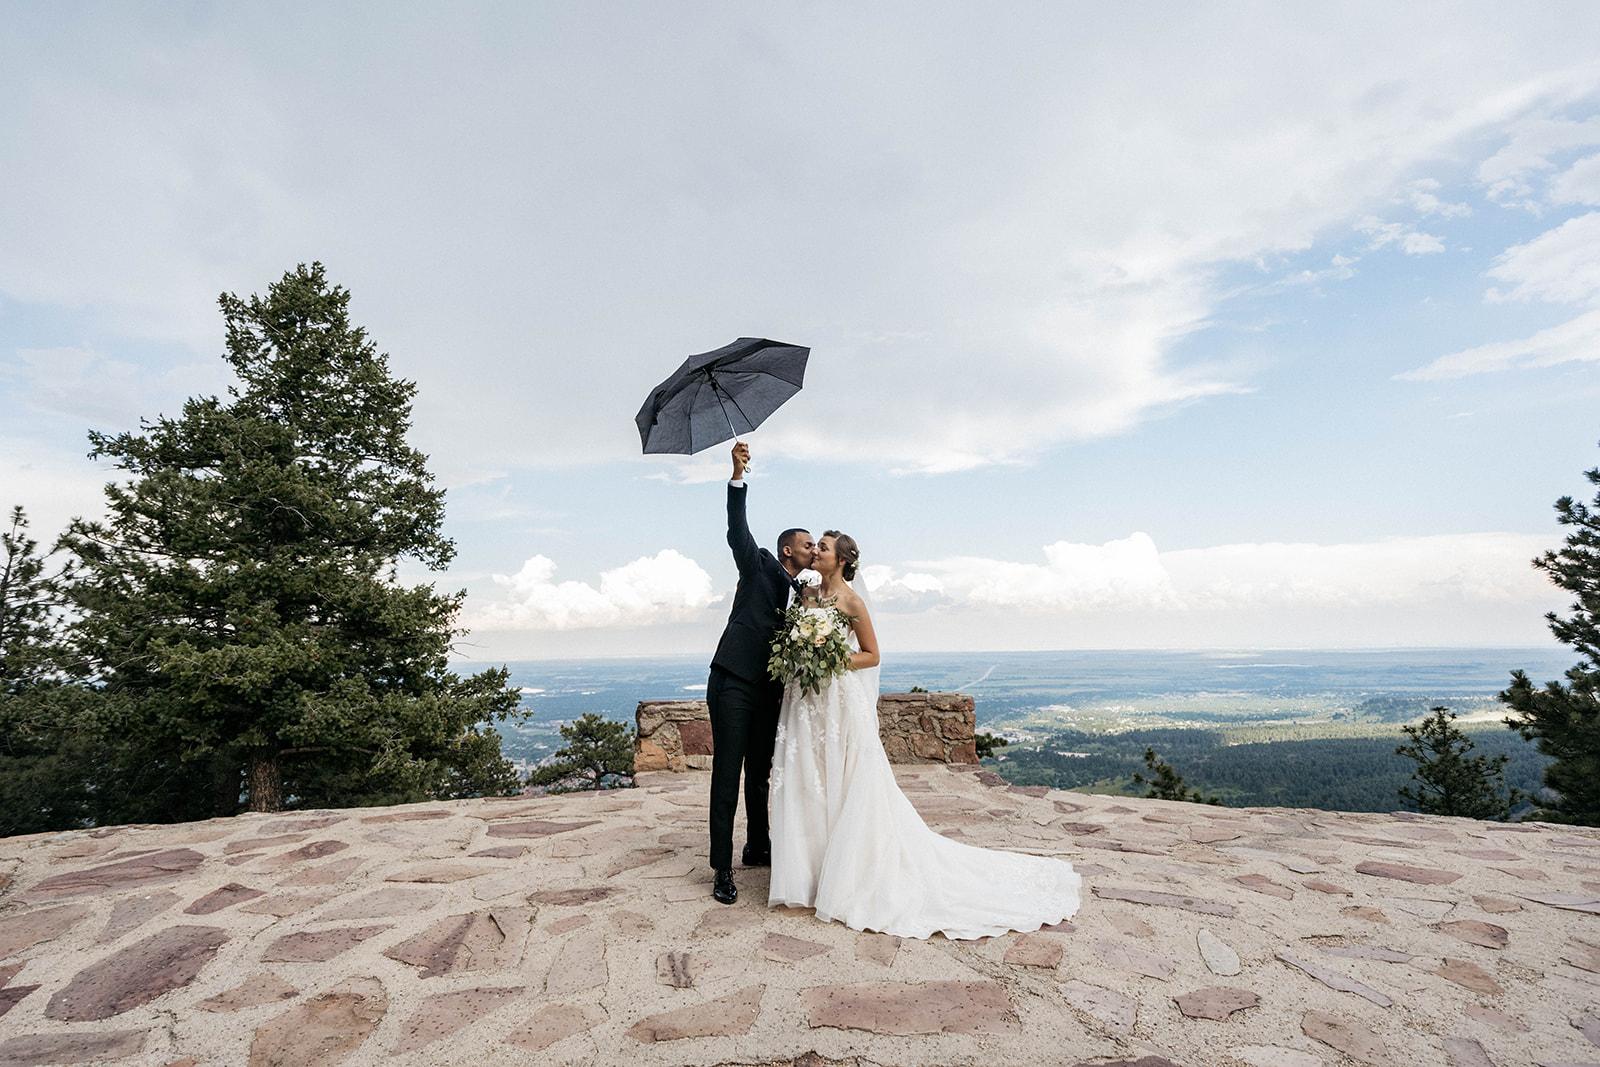 Katy_and_Solomon_Wedding_2019-527.jpg